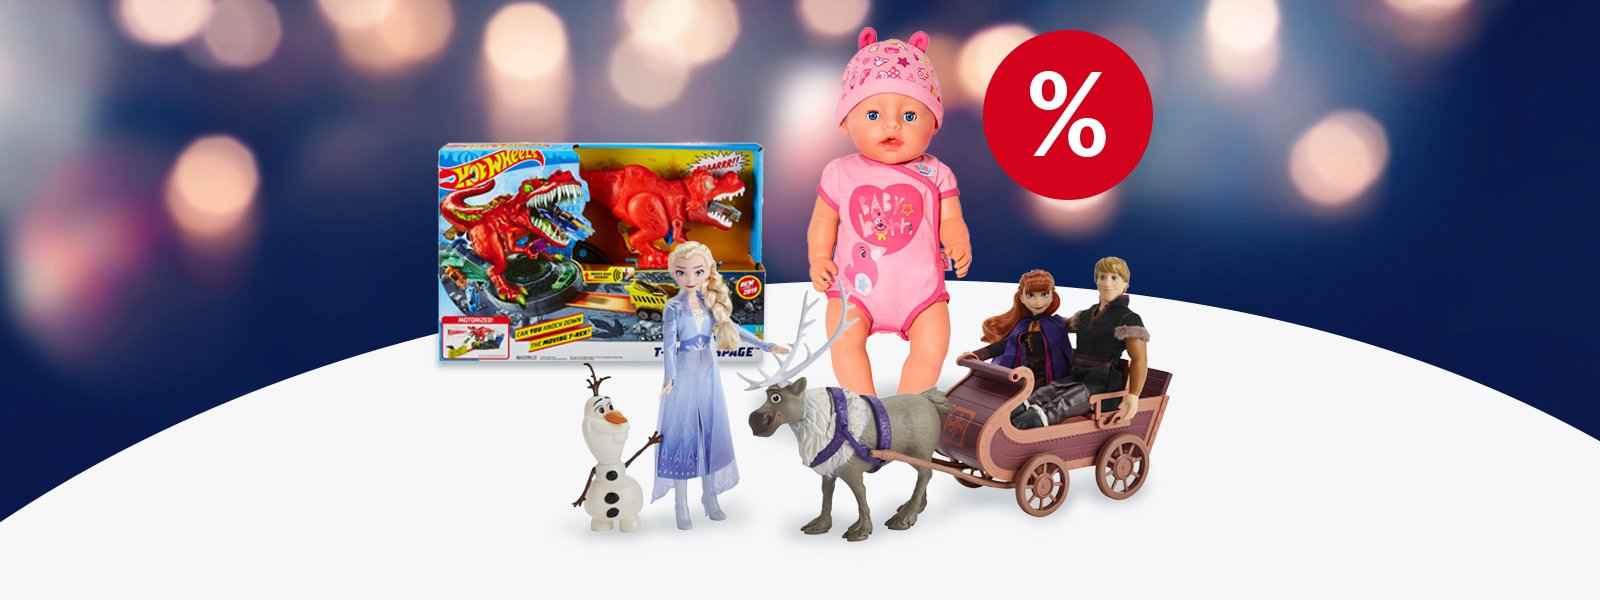 Otto 20% auf Spielwaren bzw Spielzeug bis 09.12.2019